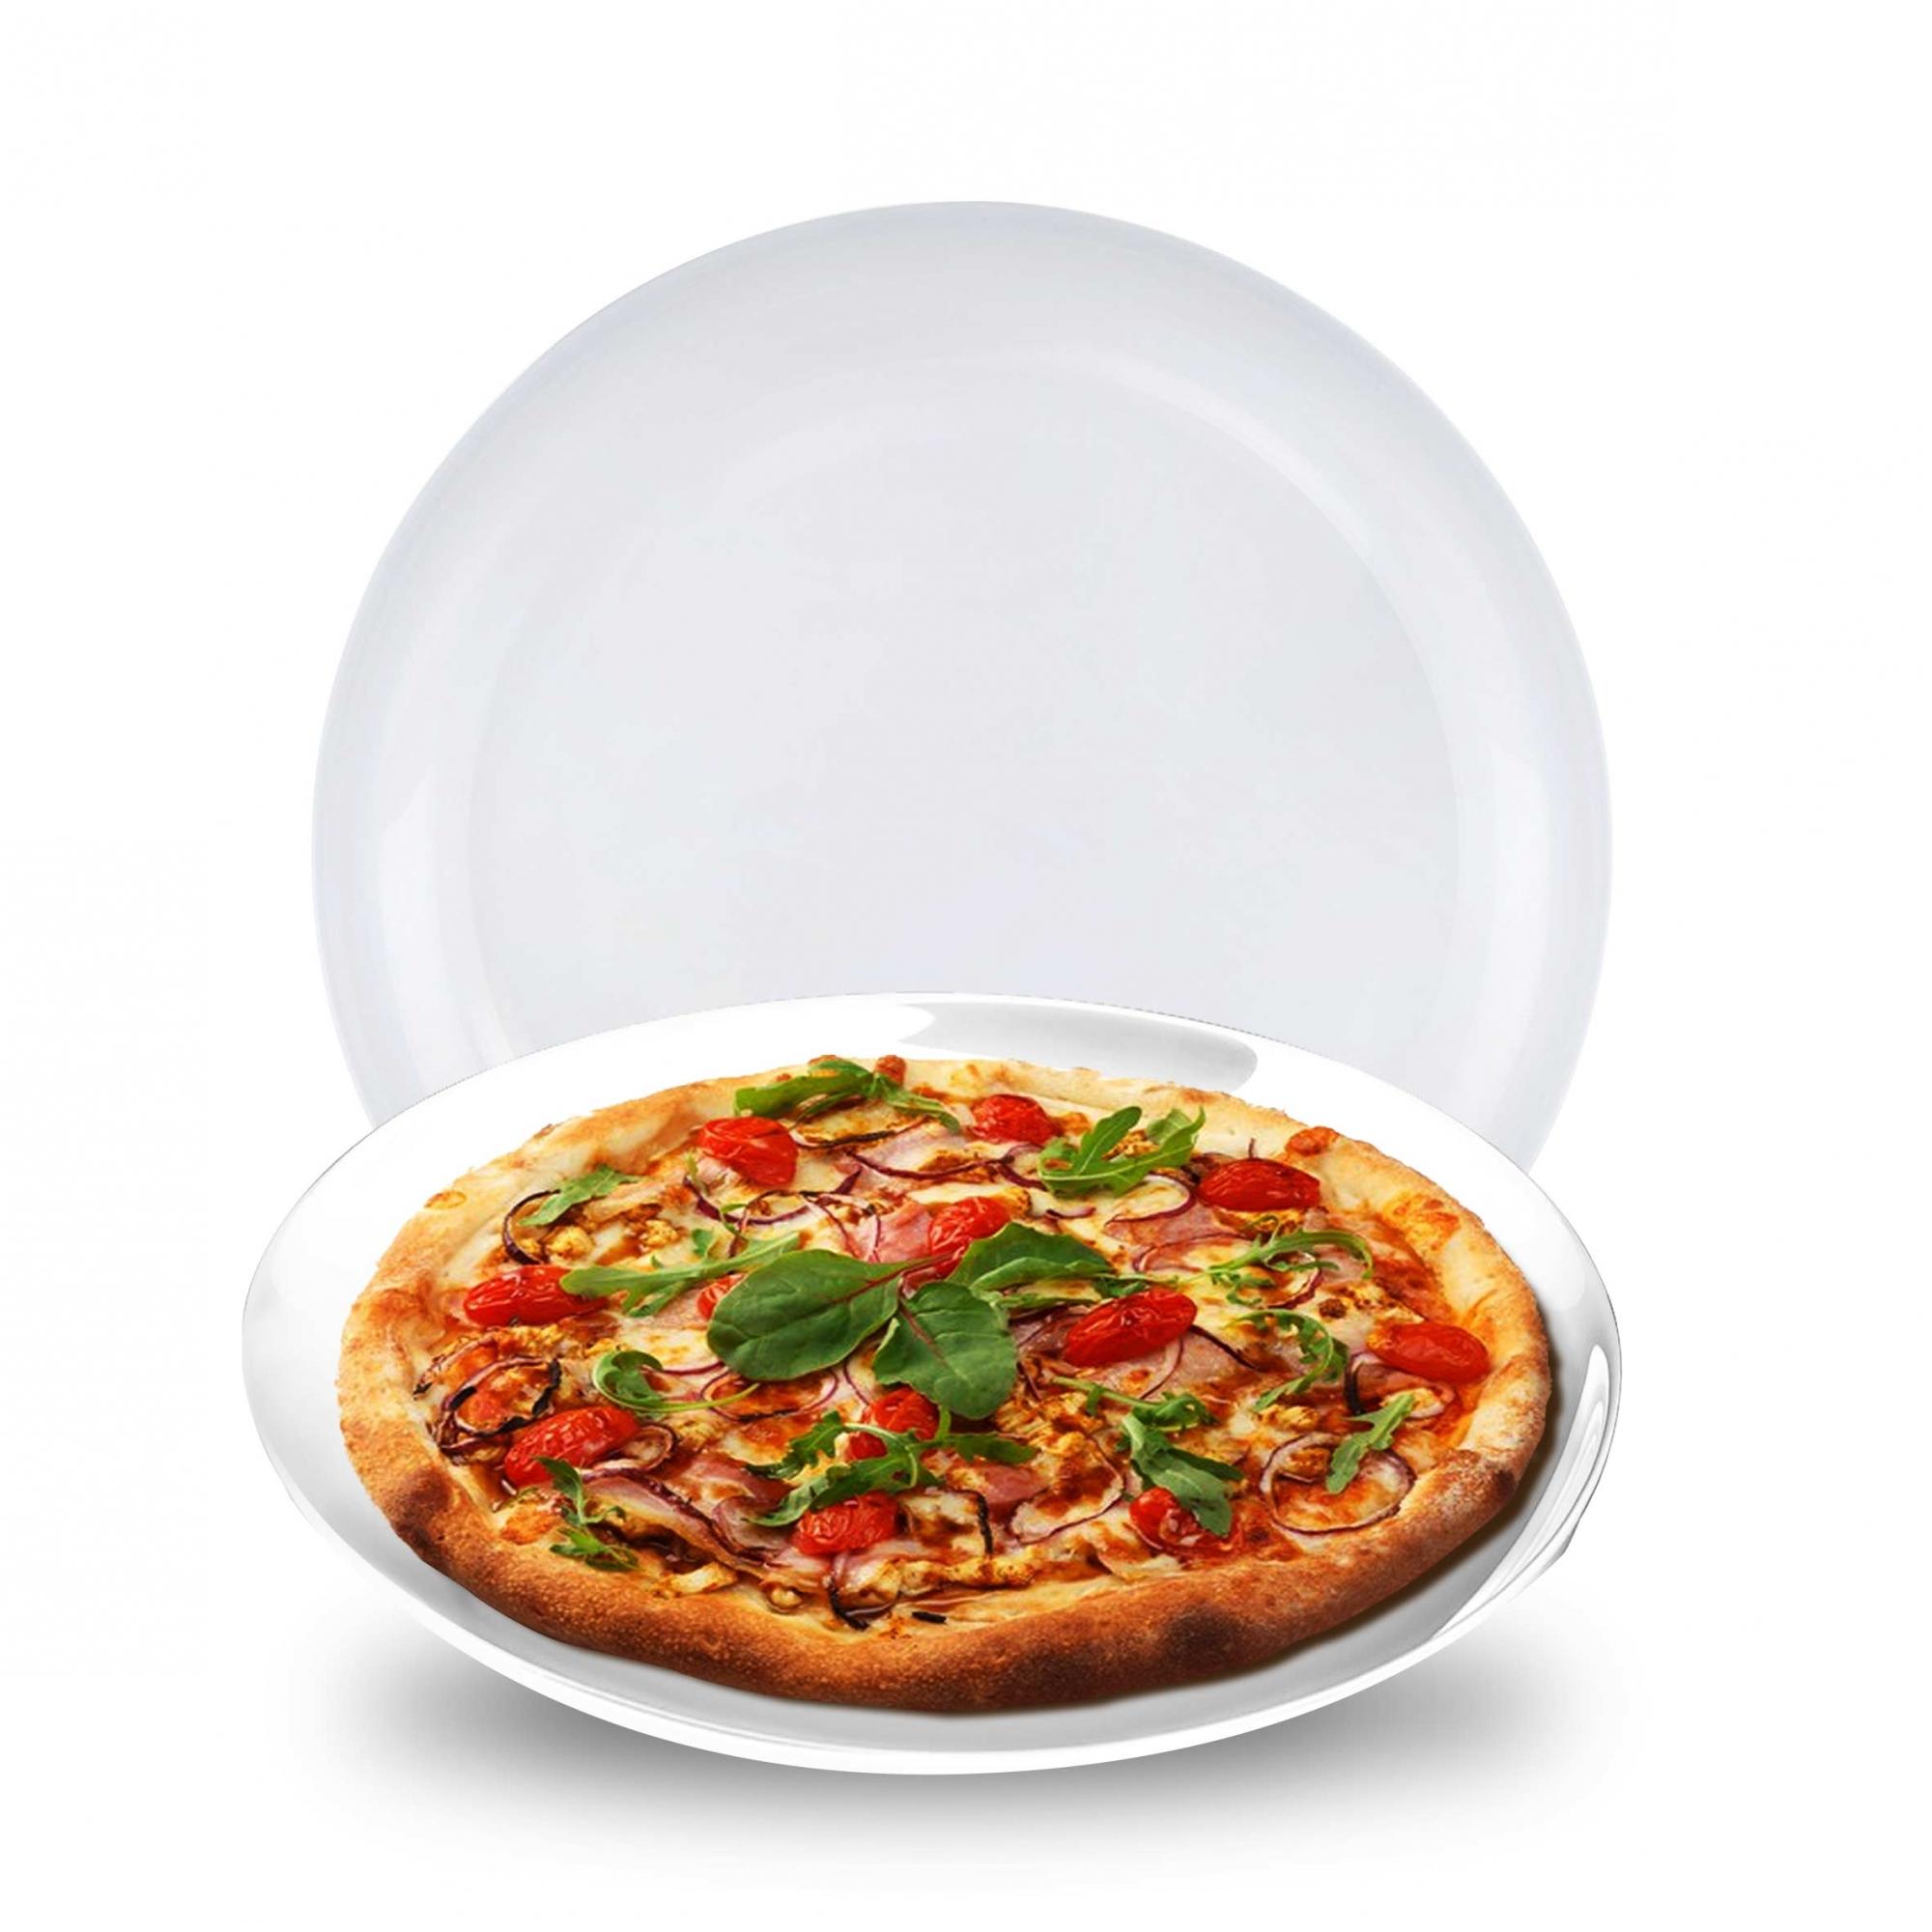 Jogo de Pratos de Vidro Branco Raso Opanile Redondo 2 Pcs para Bolo/ Pizza